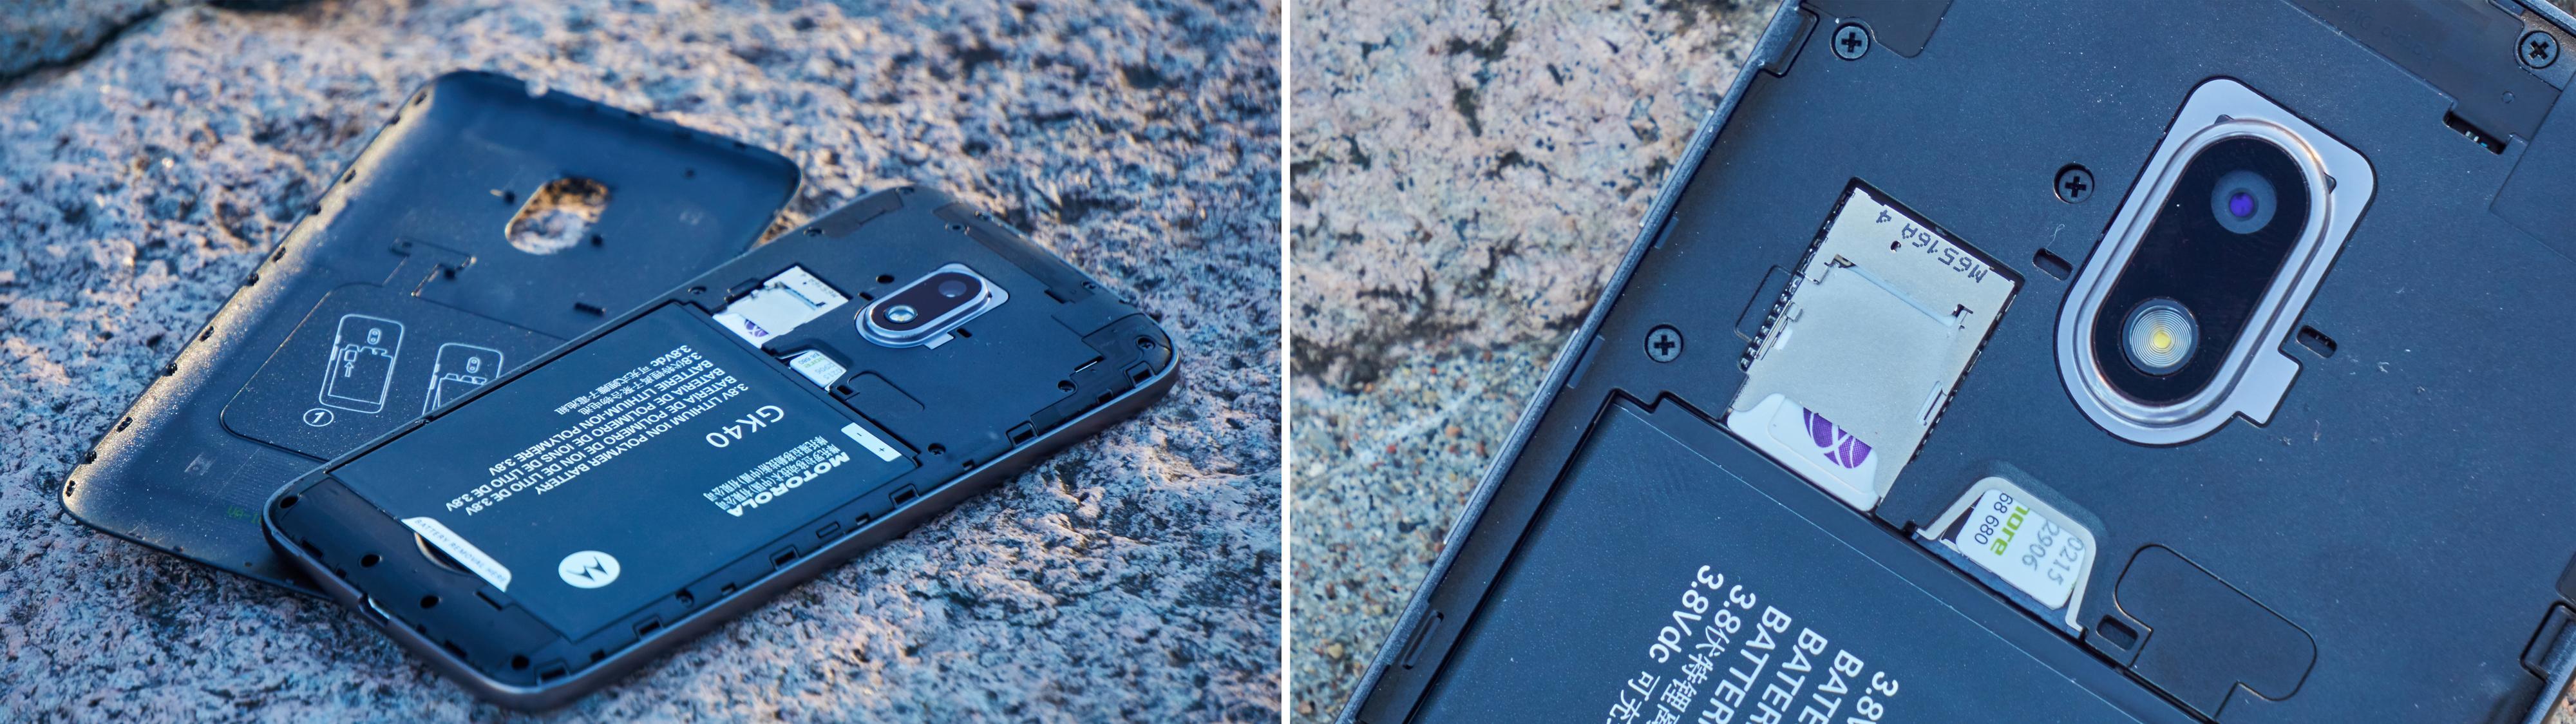 Joda, bakdekselet kan tas av – og batteriet byttes.